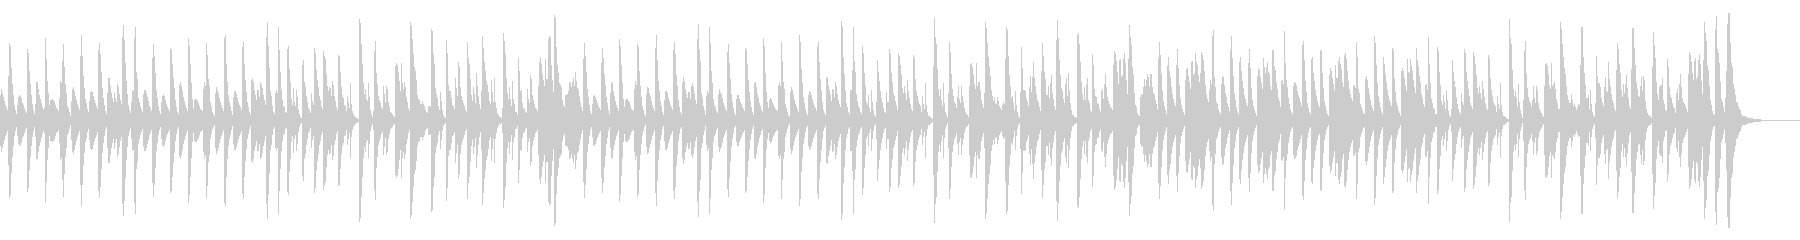 シンプルで軽快な明るいマリンバ曲の未再生の波形